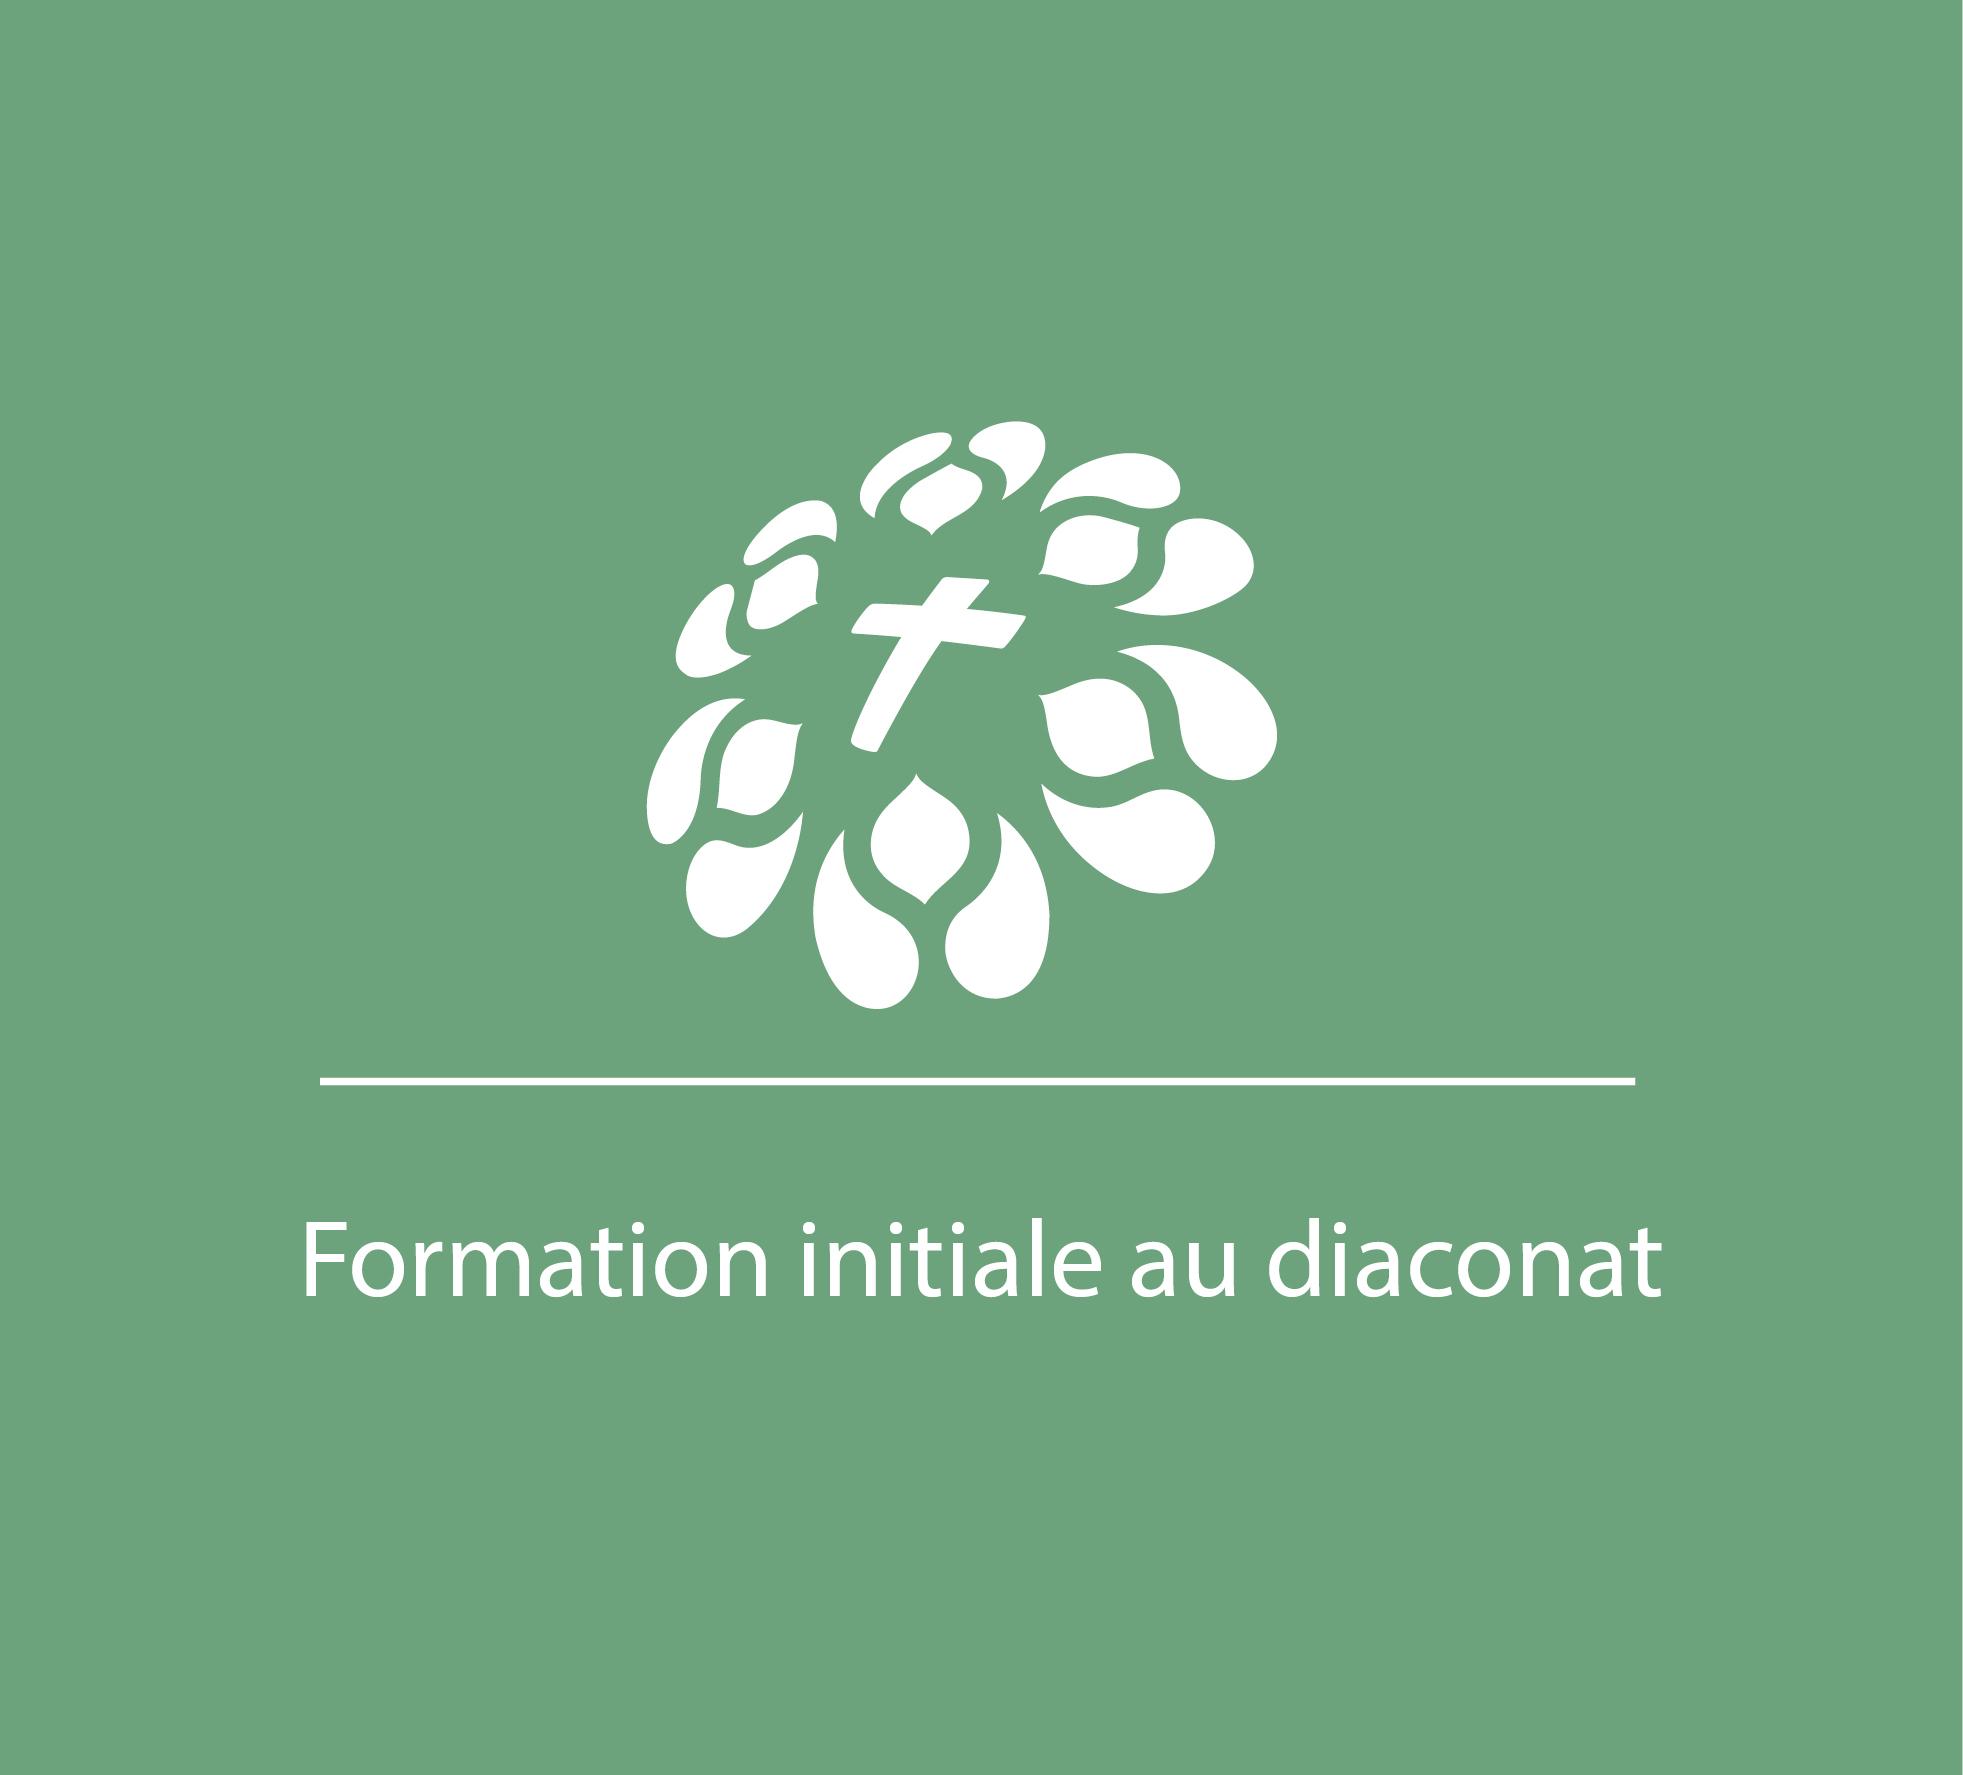 logo Formation initiale au diaconat